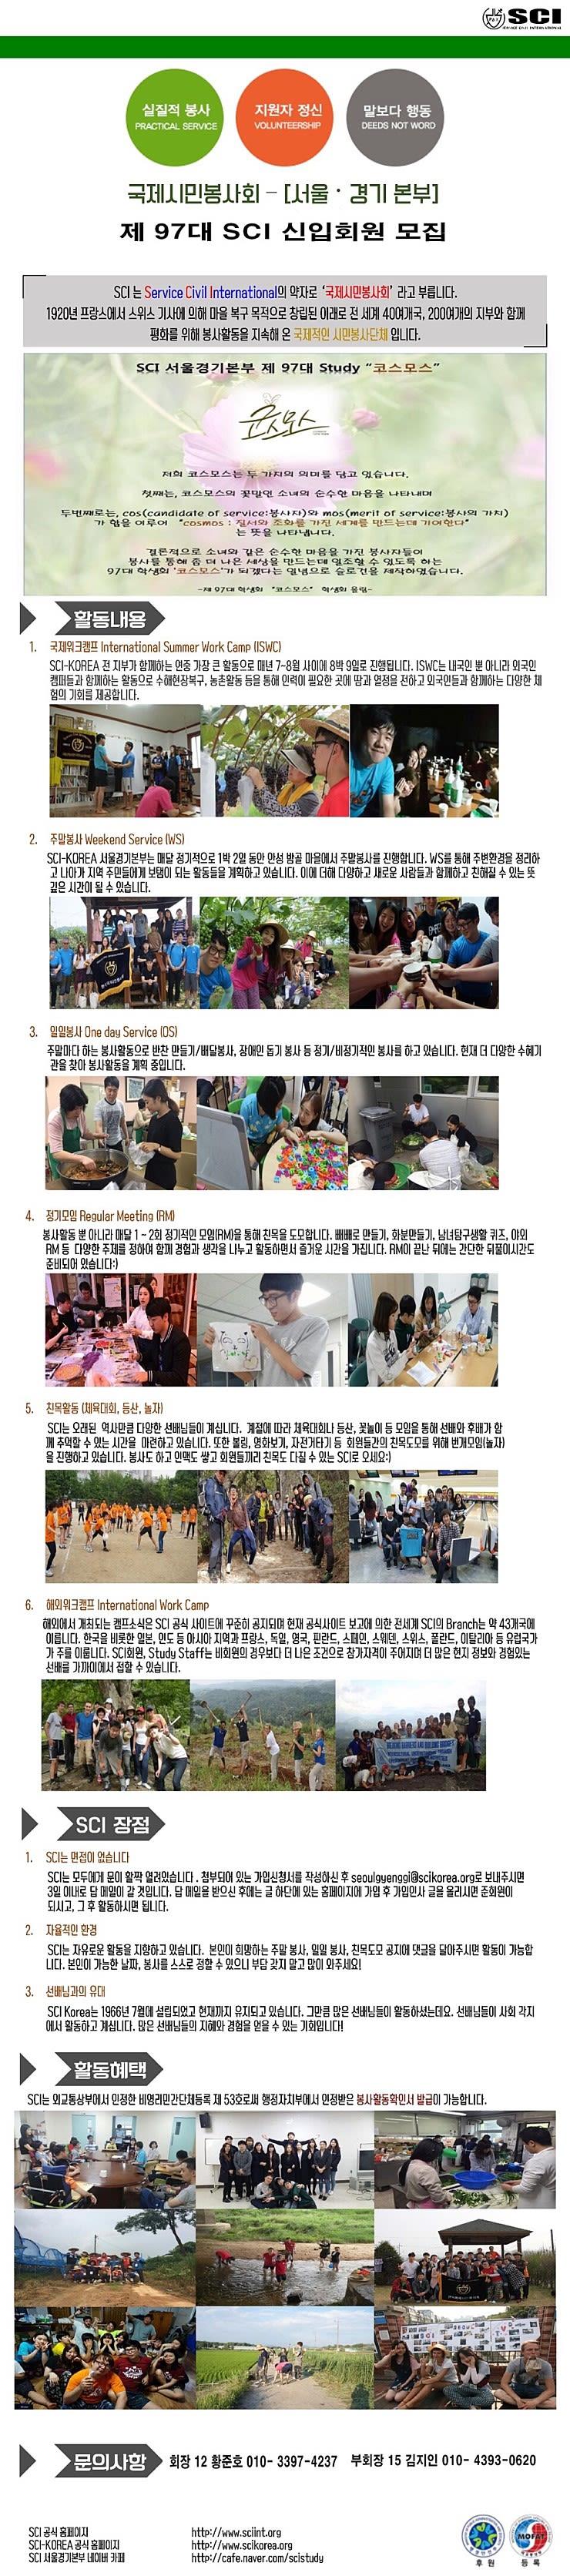 한국국제시민봉사회 SCI 봉사단 97기 모집